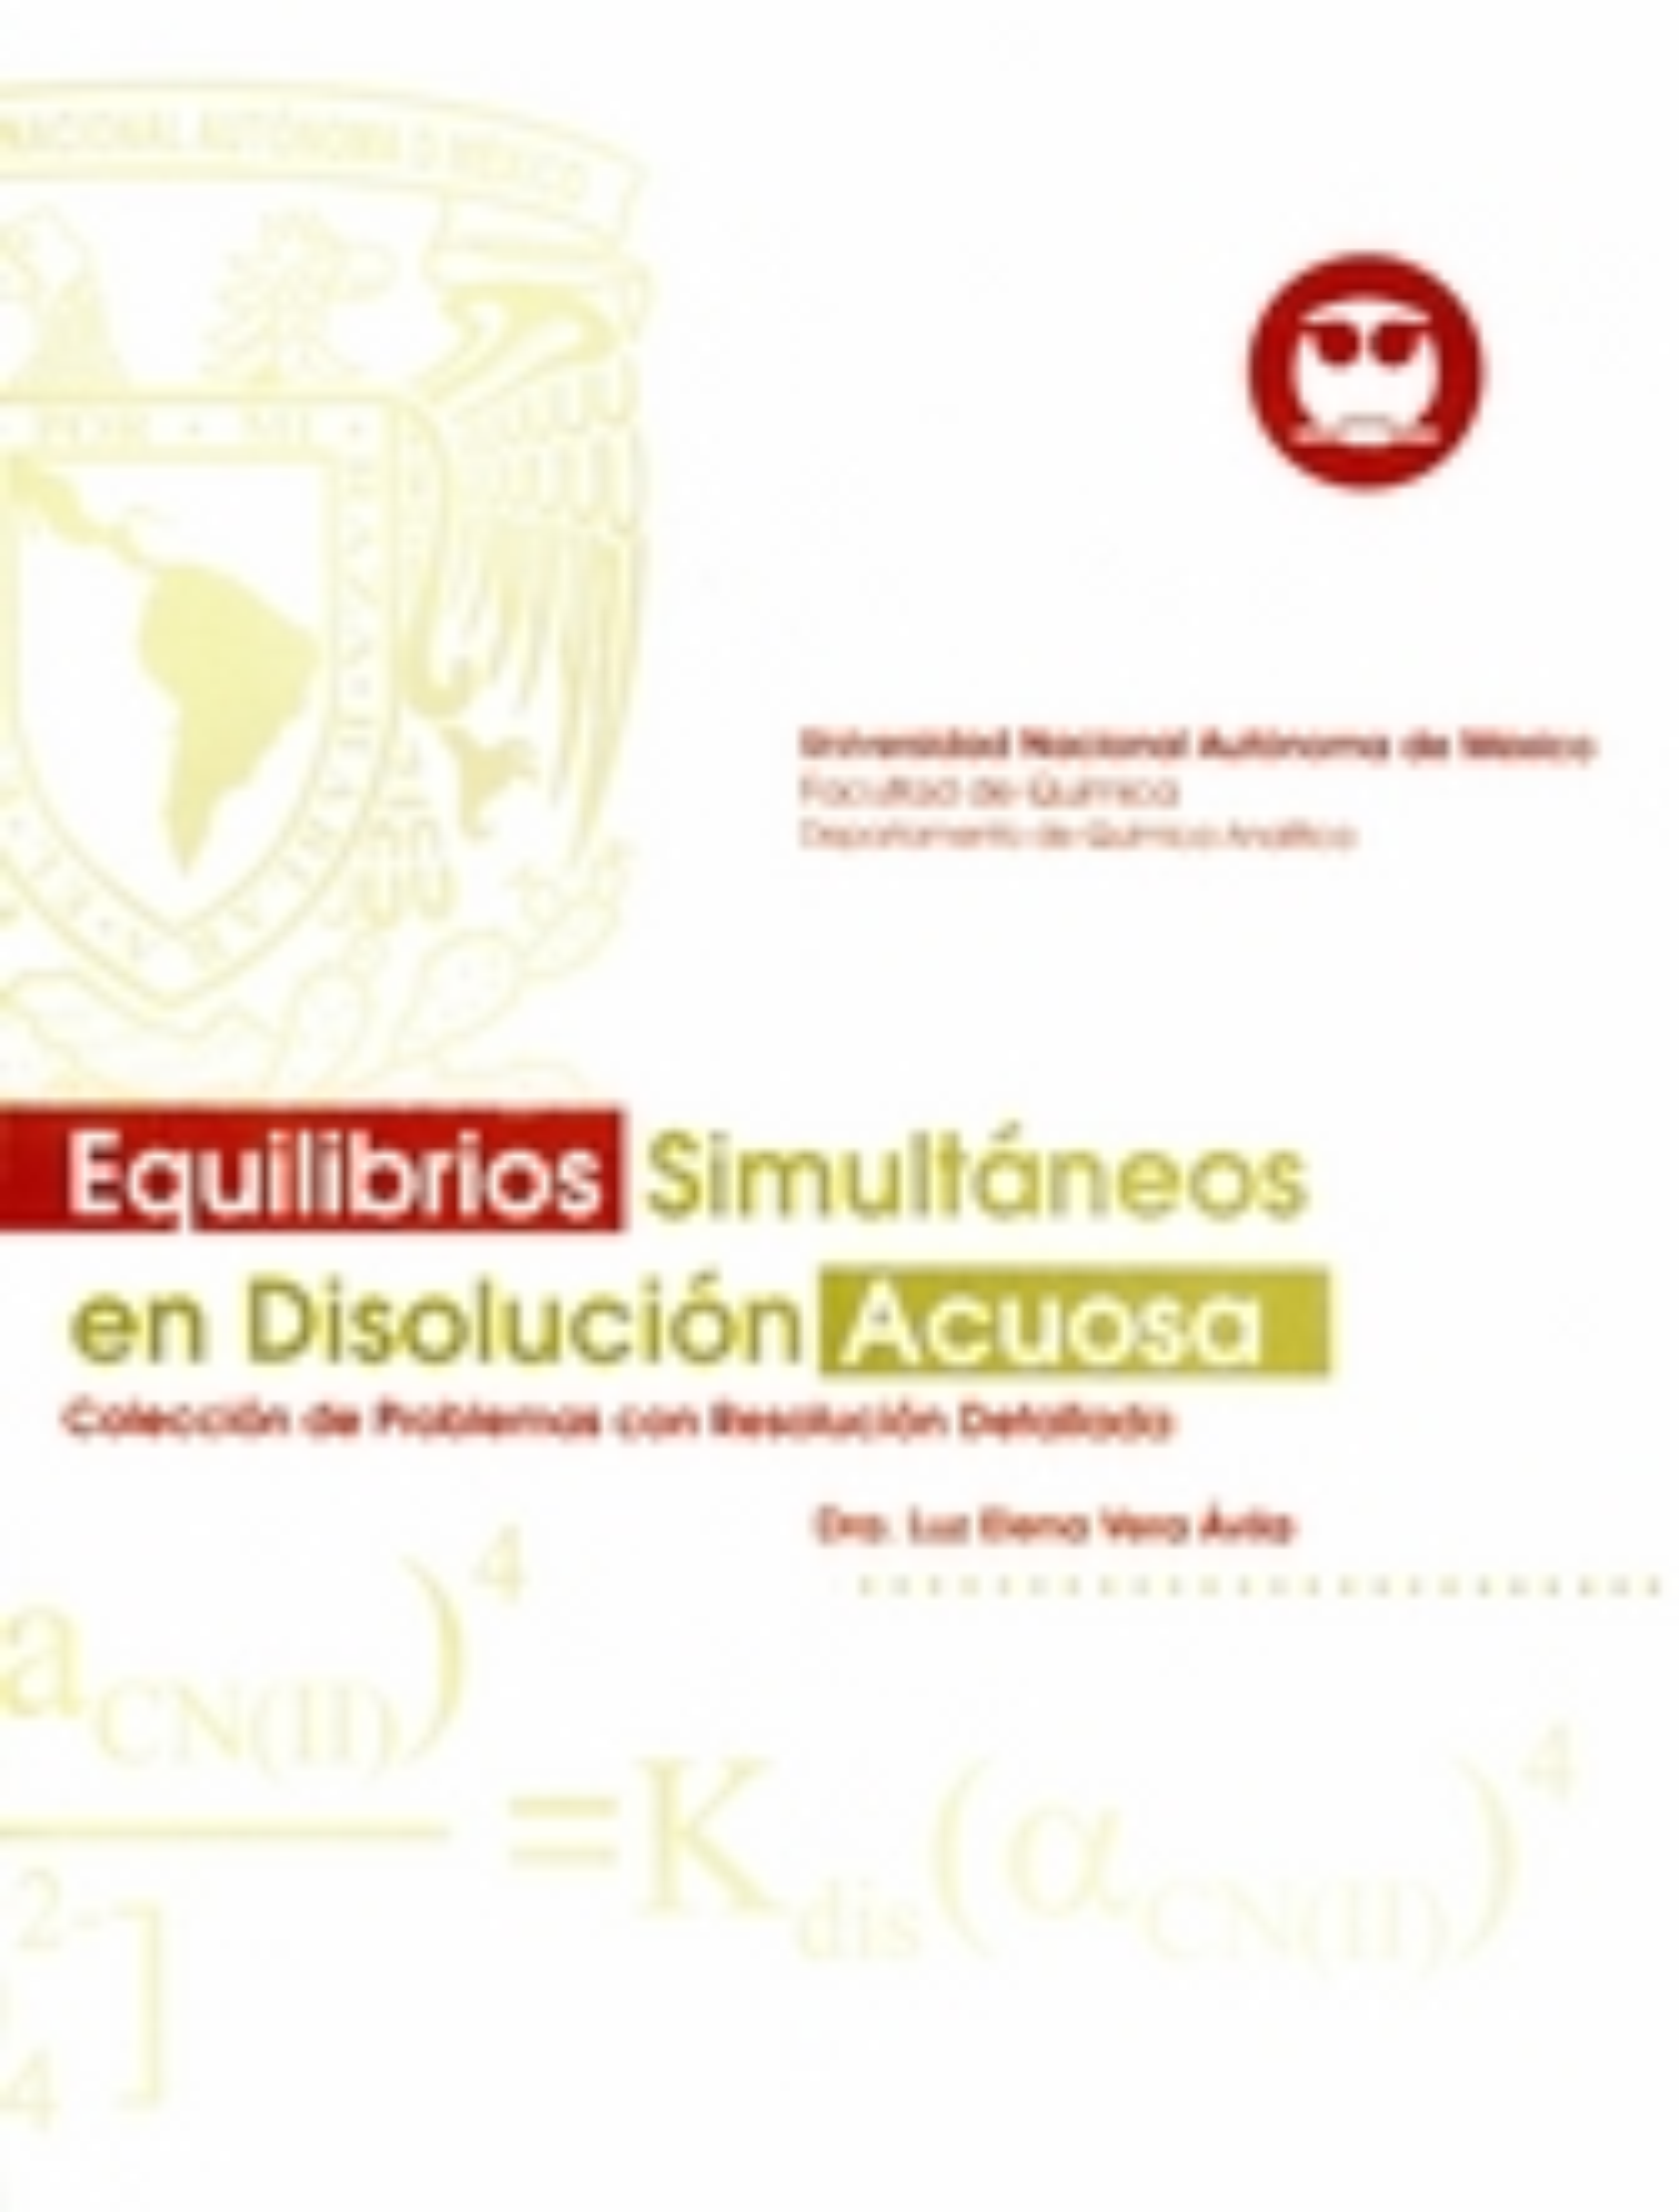 Equilibrios simultáneos en disolución acuosa. Colección de problemas con resolución detallada